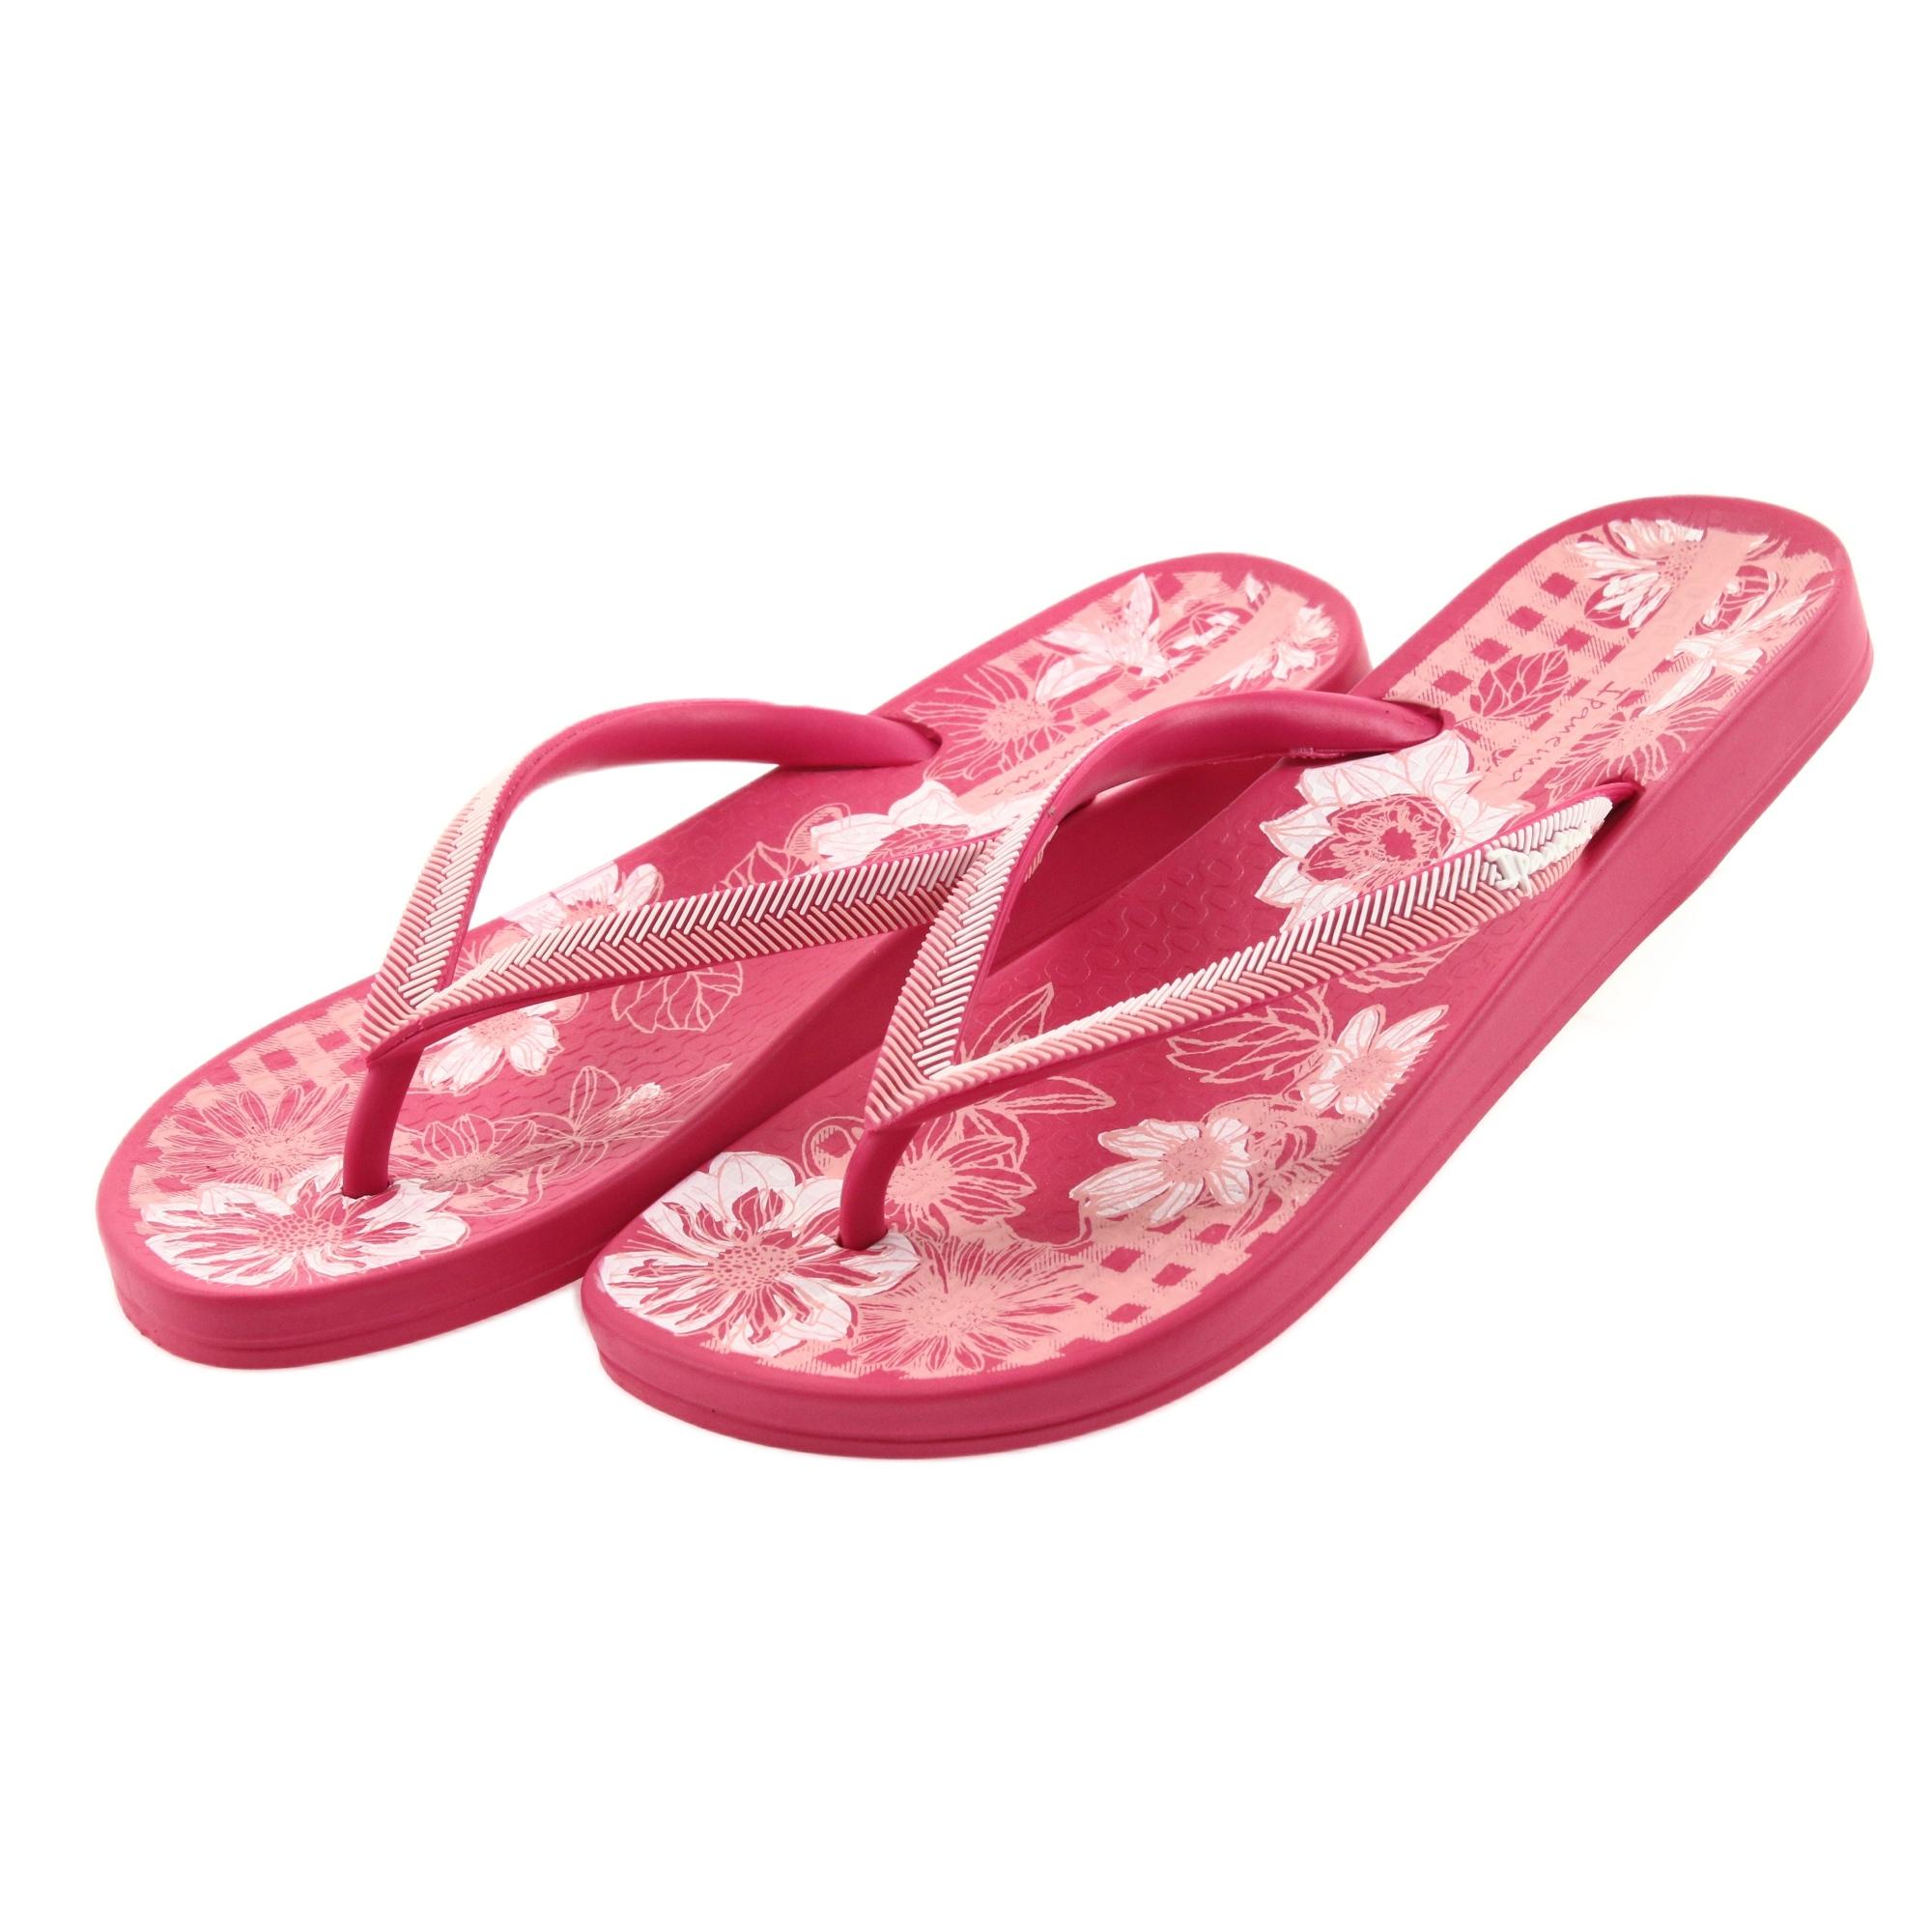 Ipanema Mix Kids Girls Flip Flops Glamorous Beach Pool Sandals Toe Ring Pink